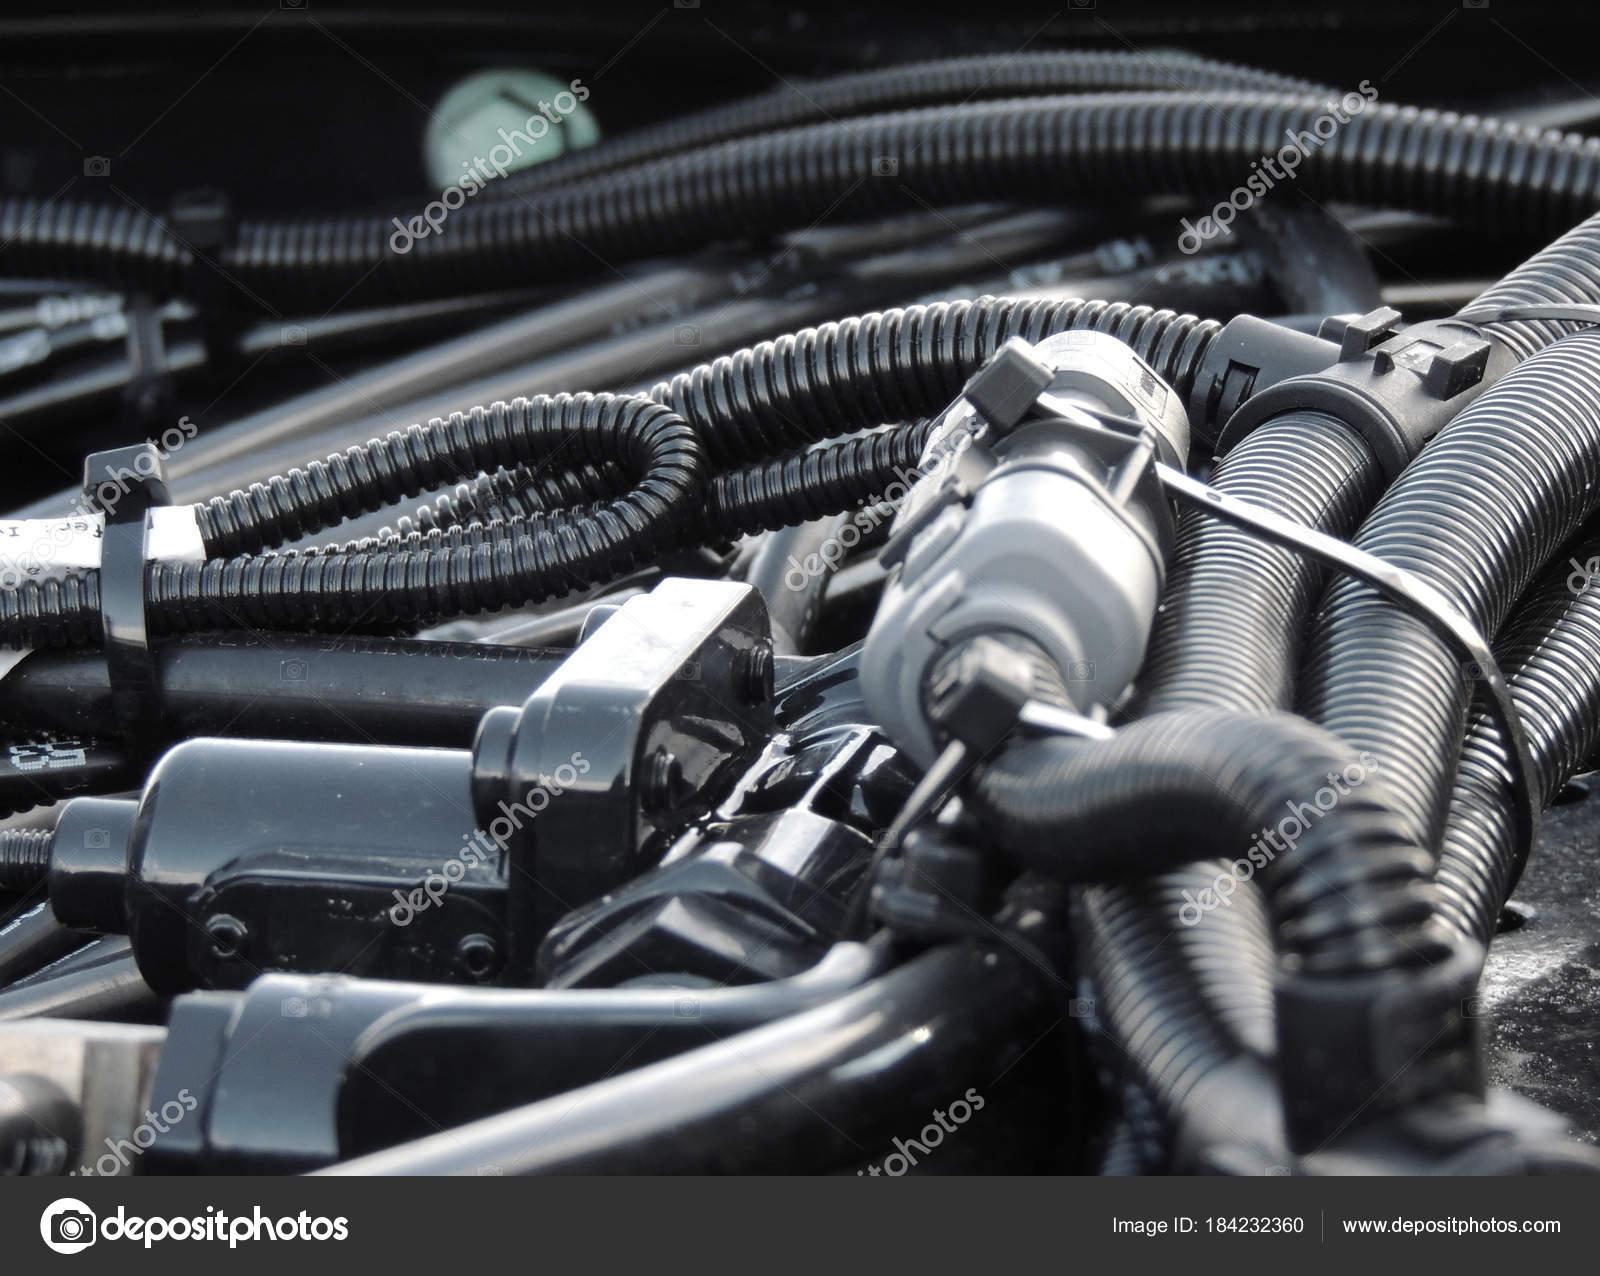 Motor Verkabelung Mit Bündeln Von Kühlmittelrohre Isolierung ...